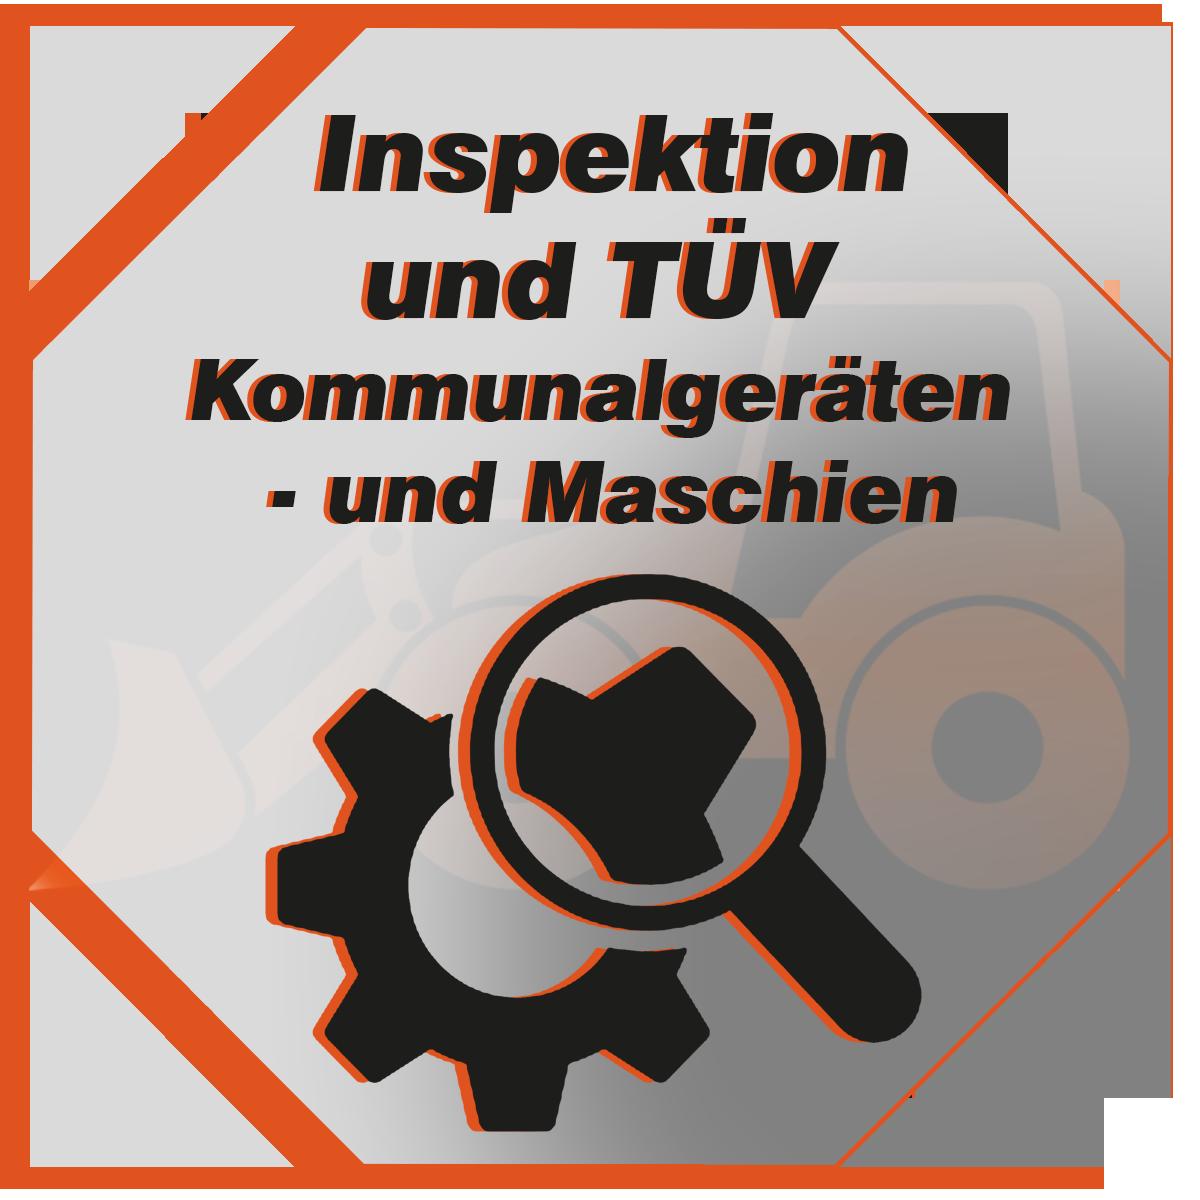 Inspektion und TÜV Vorbereitung für Kommunal- Forst- und Gartenmaschinen für Gewerbliche und private Kunden